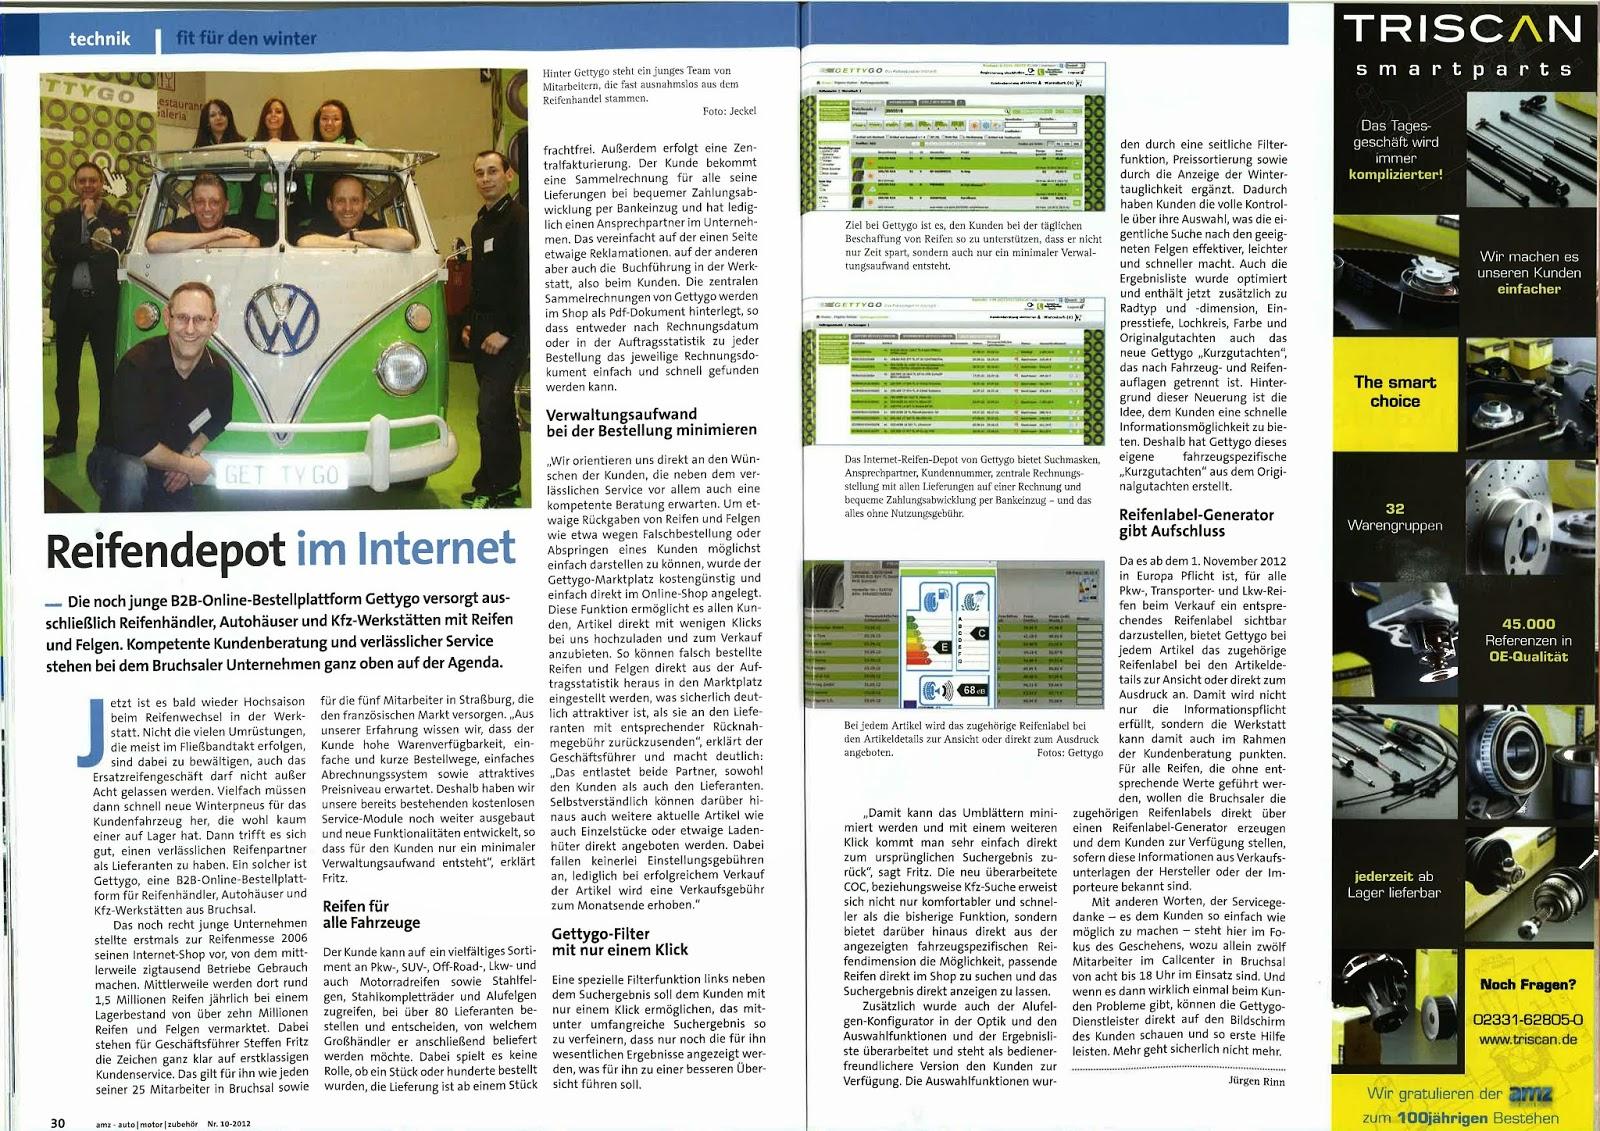 GETTYGO PRESSENEWS: Auto/Motor/Zubehör - Reifendepot im Internet 10/2012